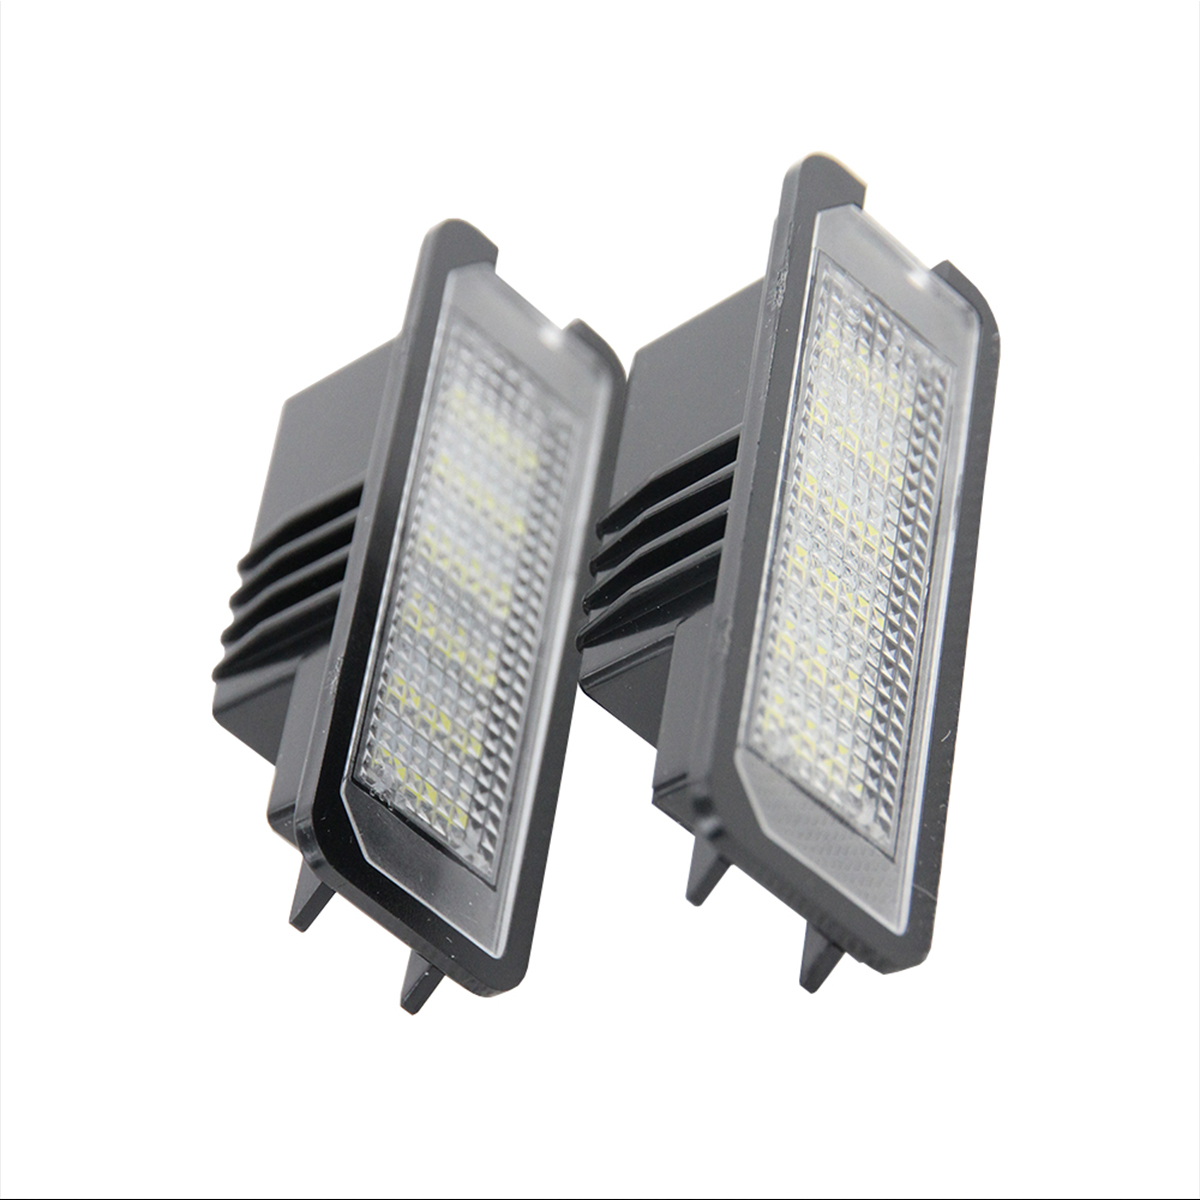 Lámparas de luz de placa de matrícula LED de 2 piezas 12V para VW GOLF 4 5 6 7 Polo 6R Coche luces de matrícula accesorios exteriores